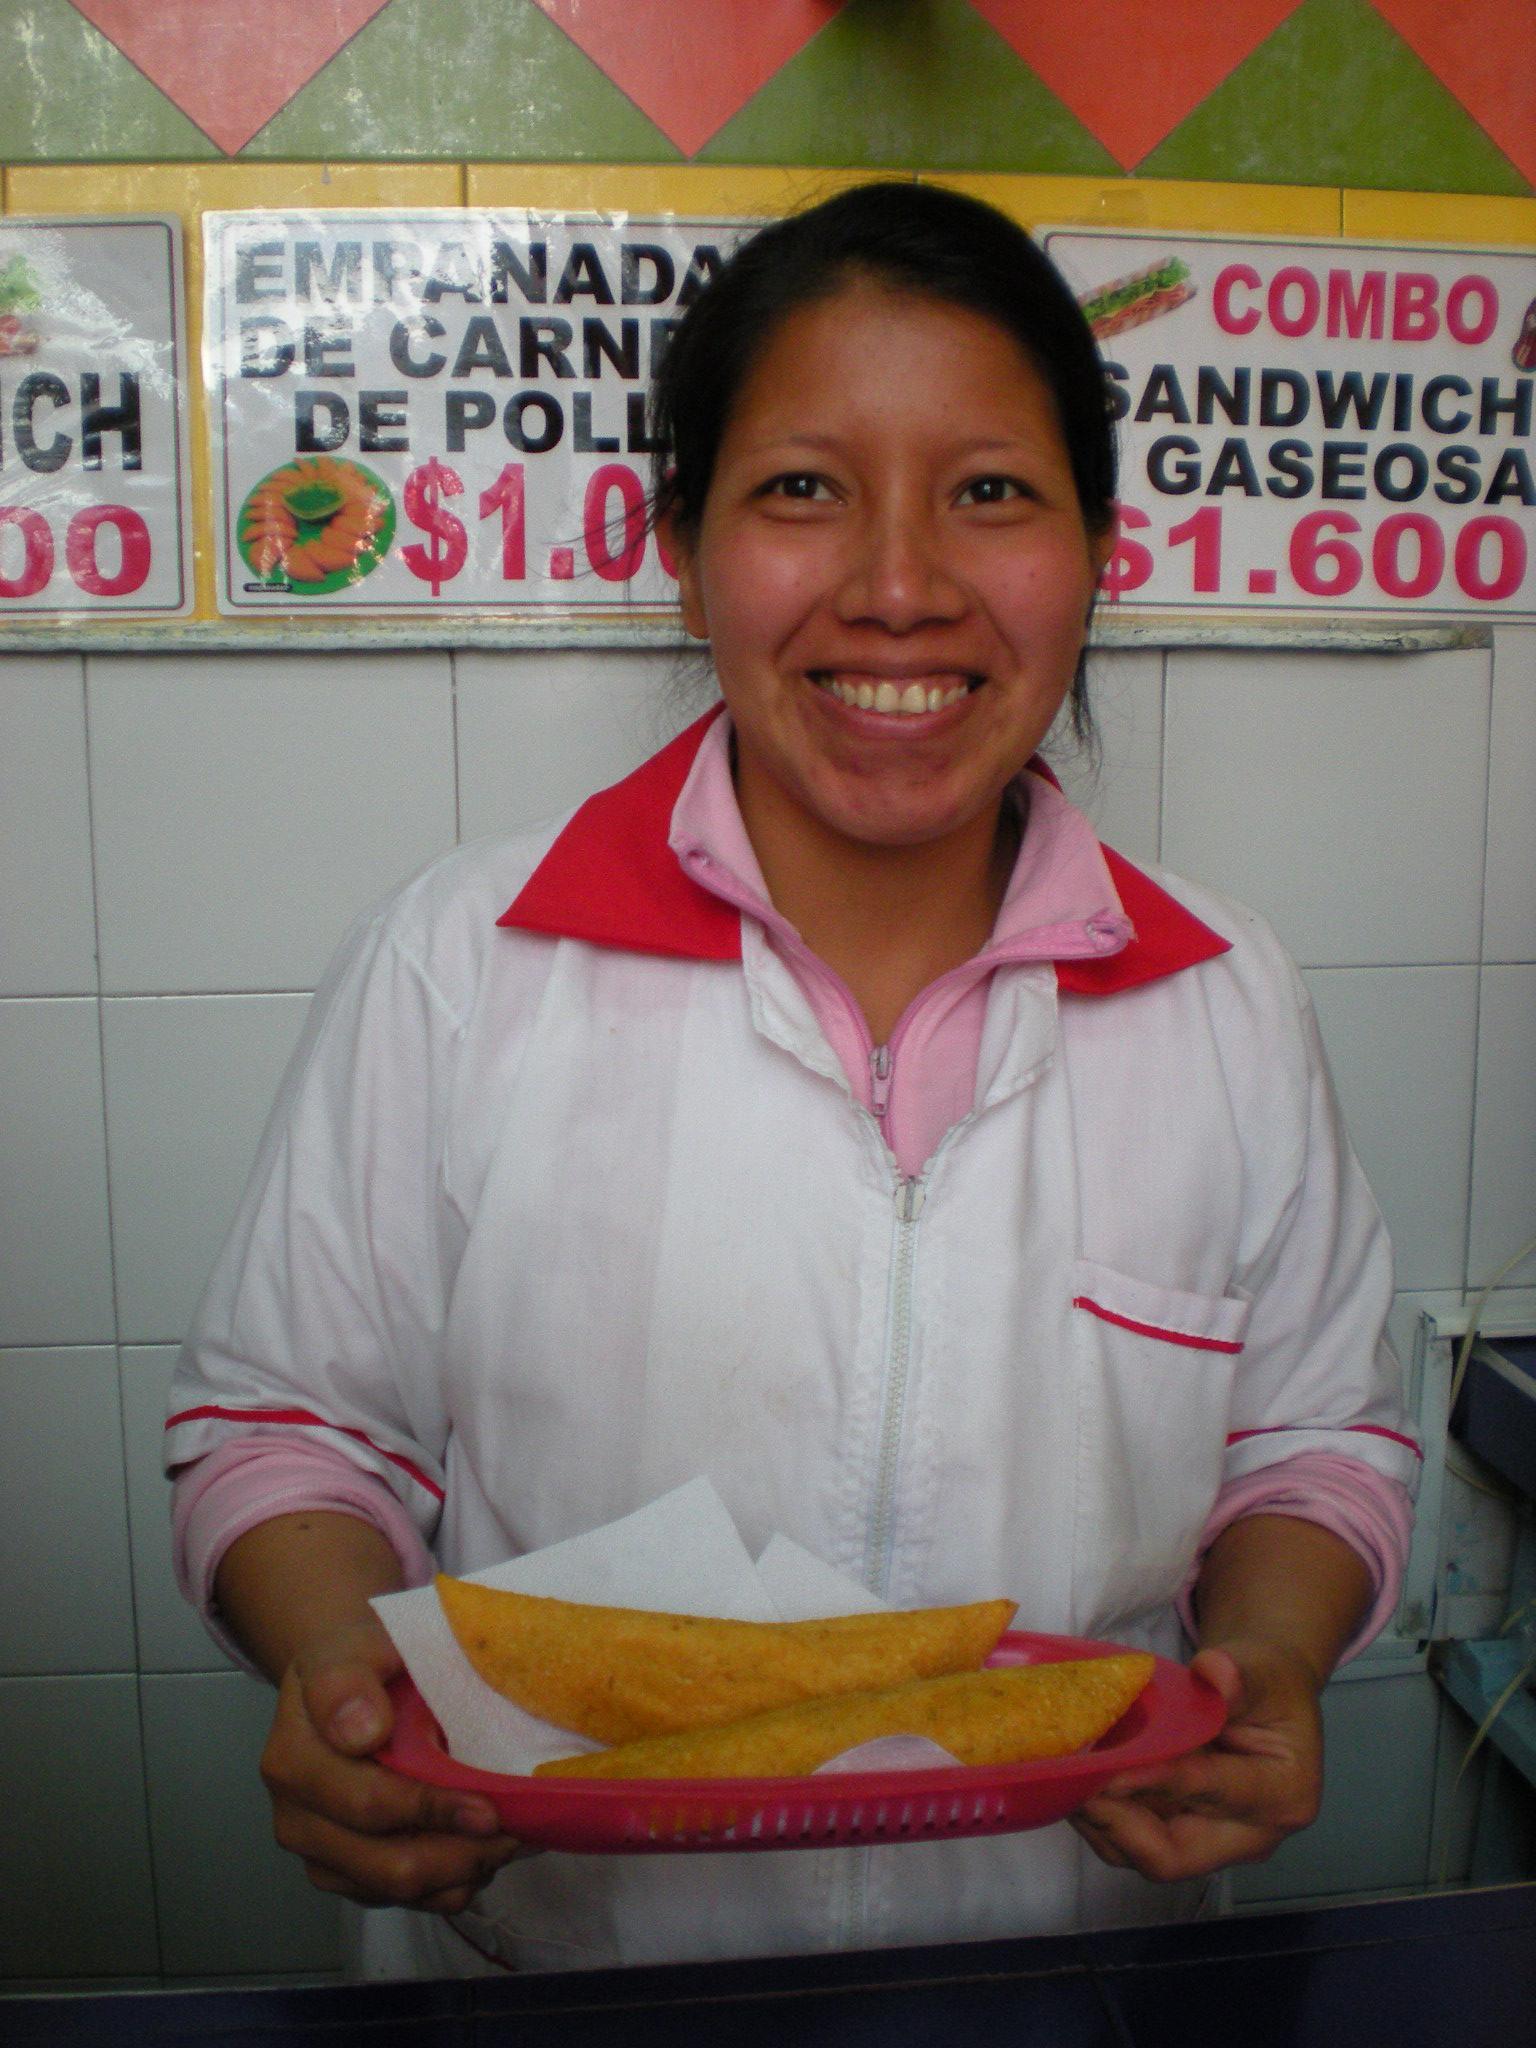 Joana vende mais de 200 empanadas por dia